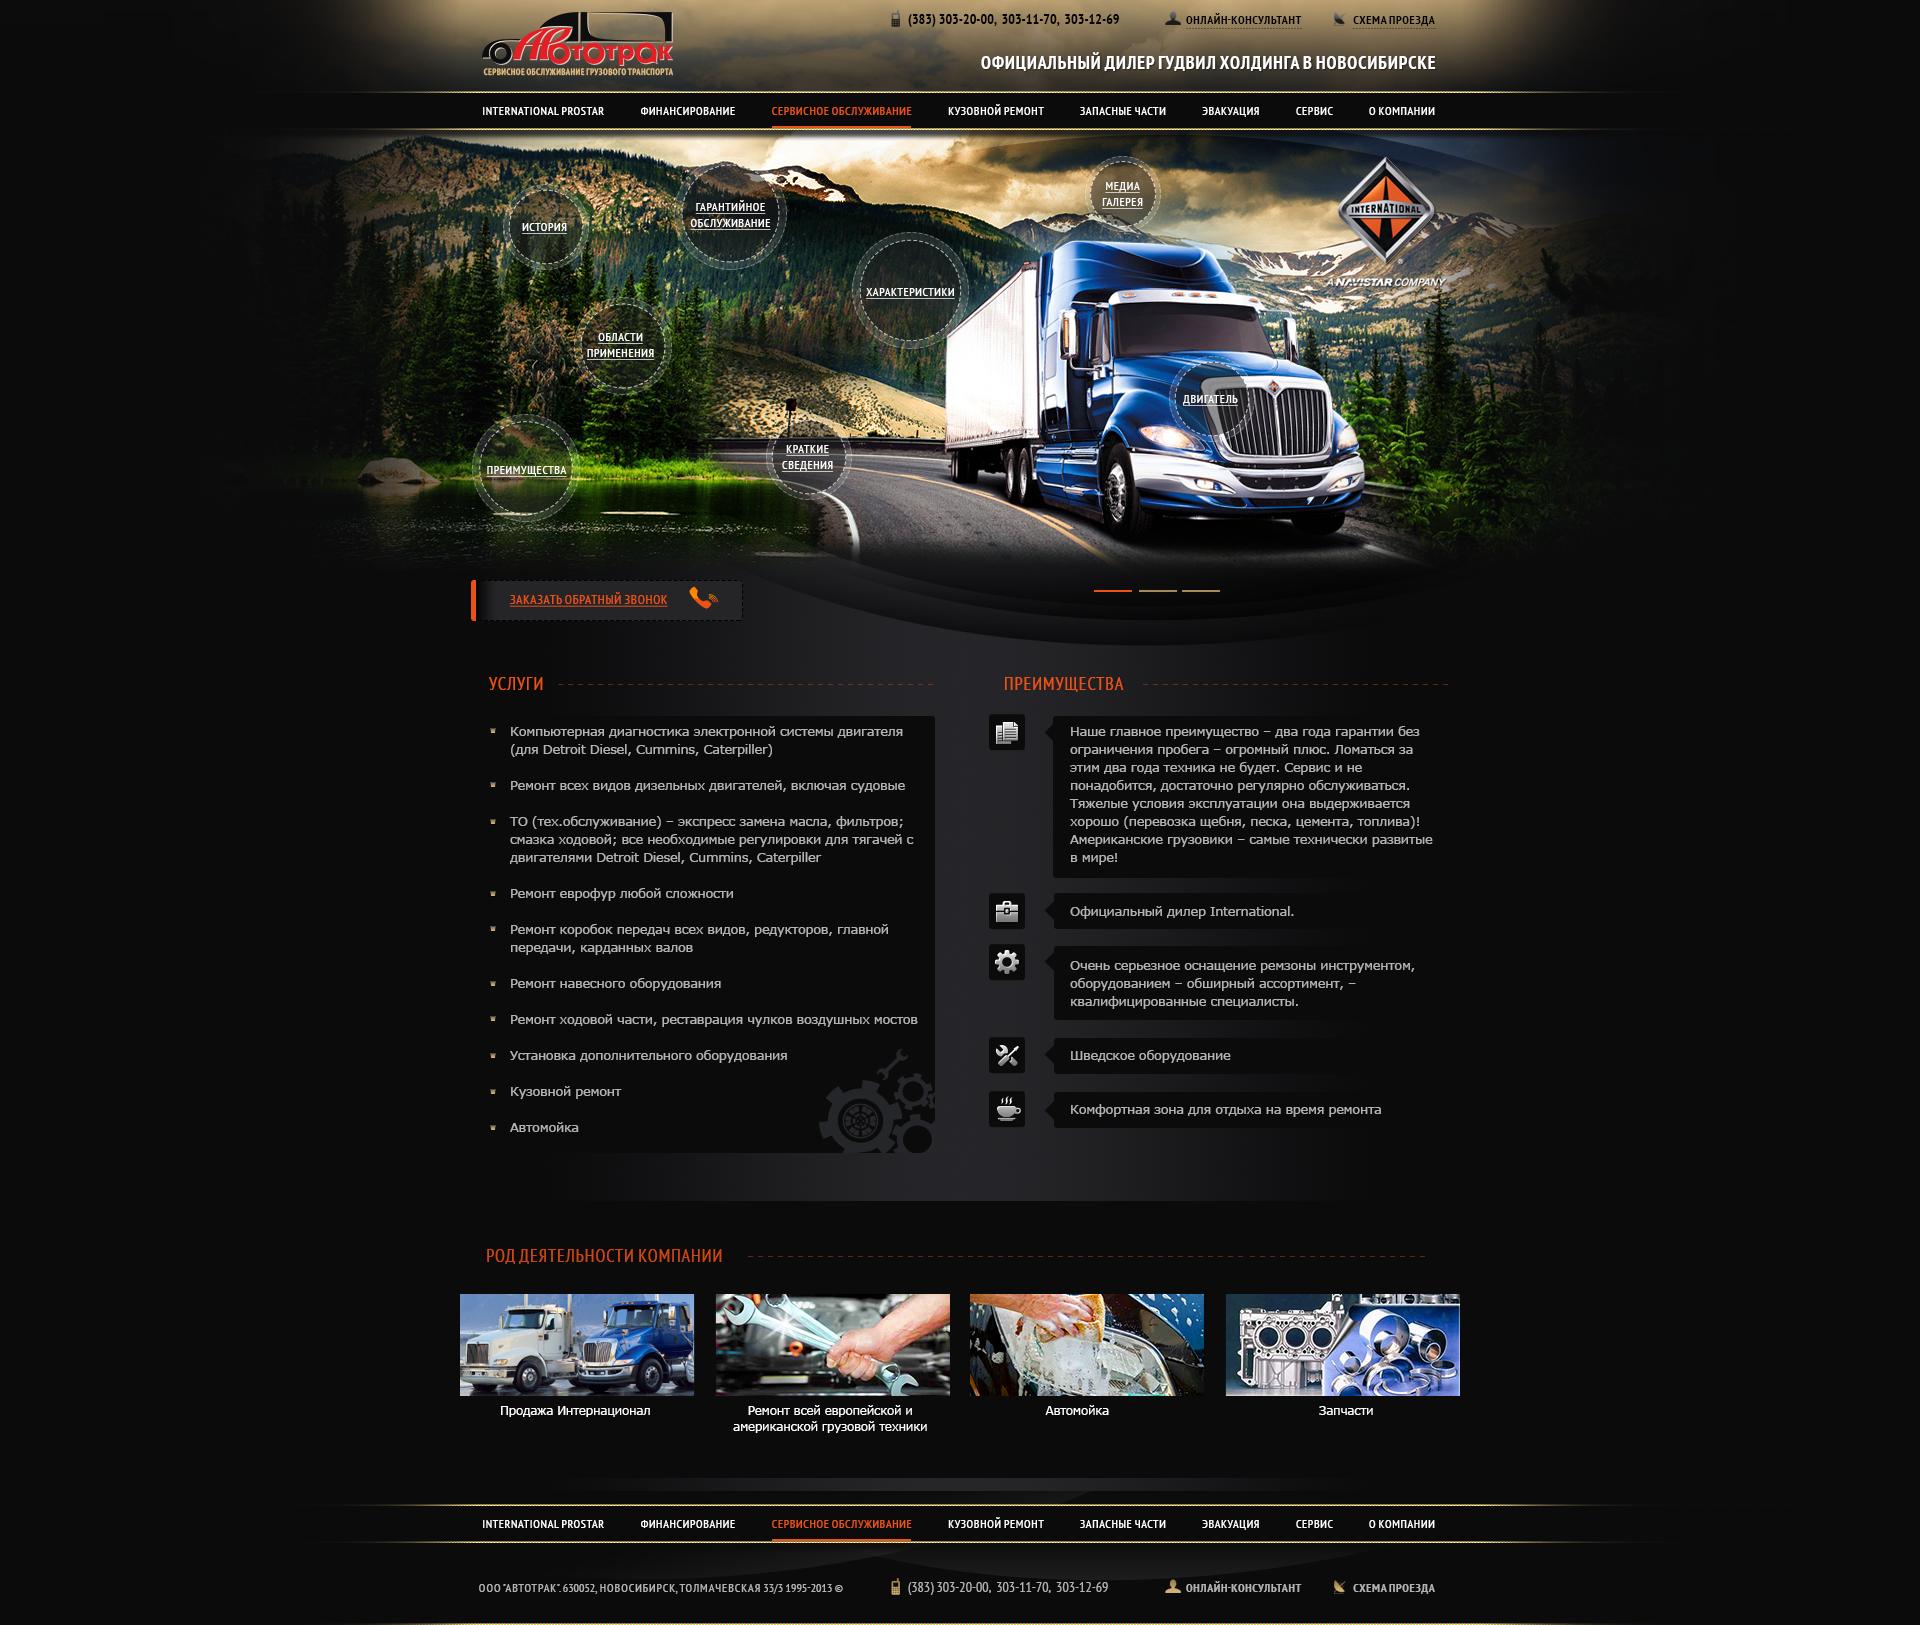 Разработать дизайн сайта автомобильной тематики фото f_85652692224e36cd.png